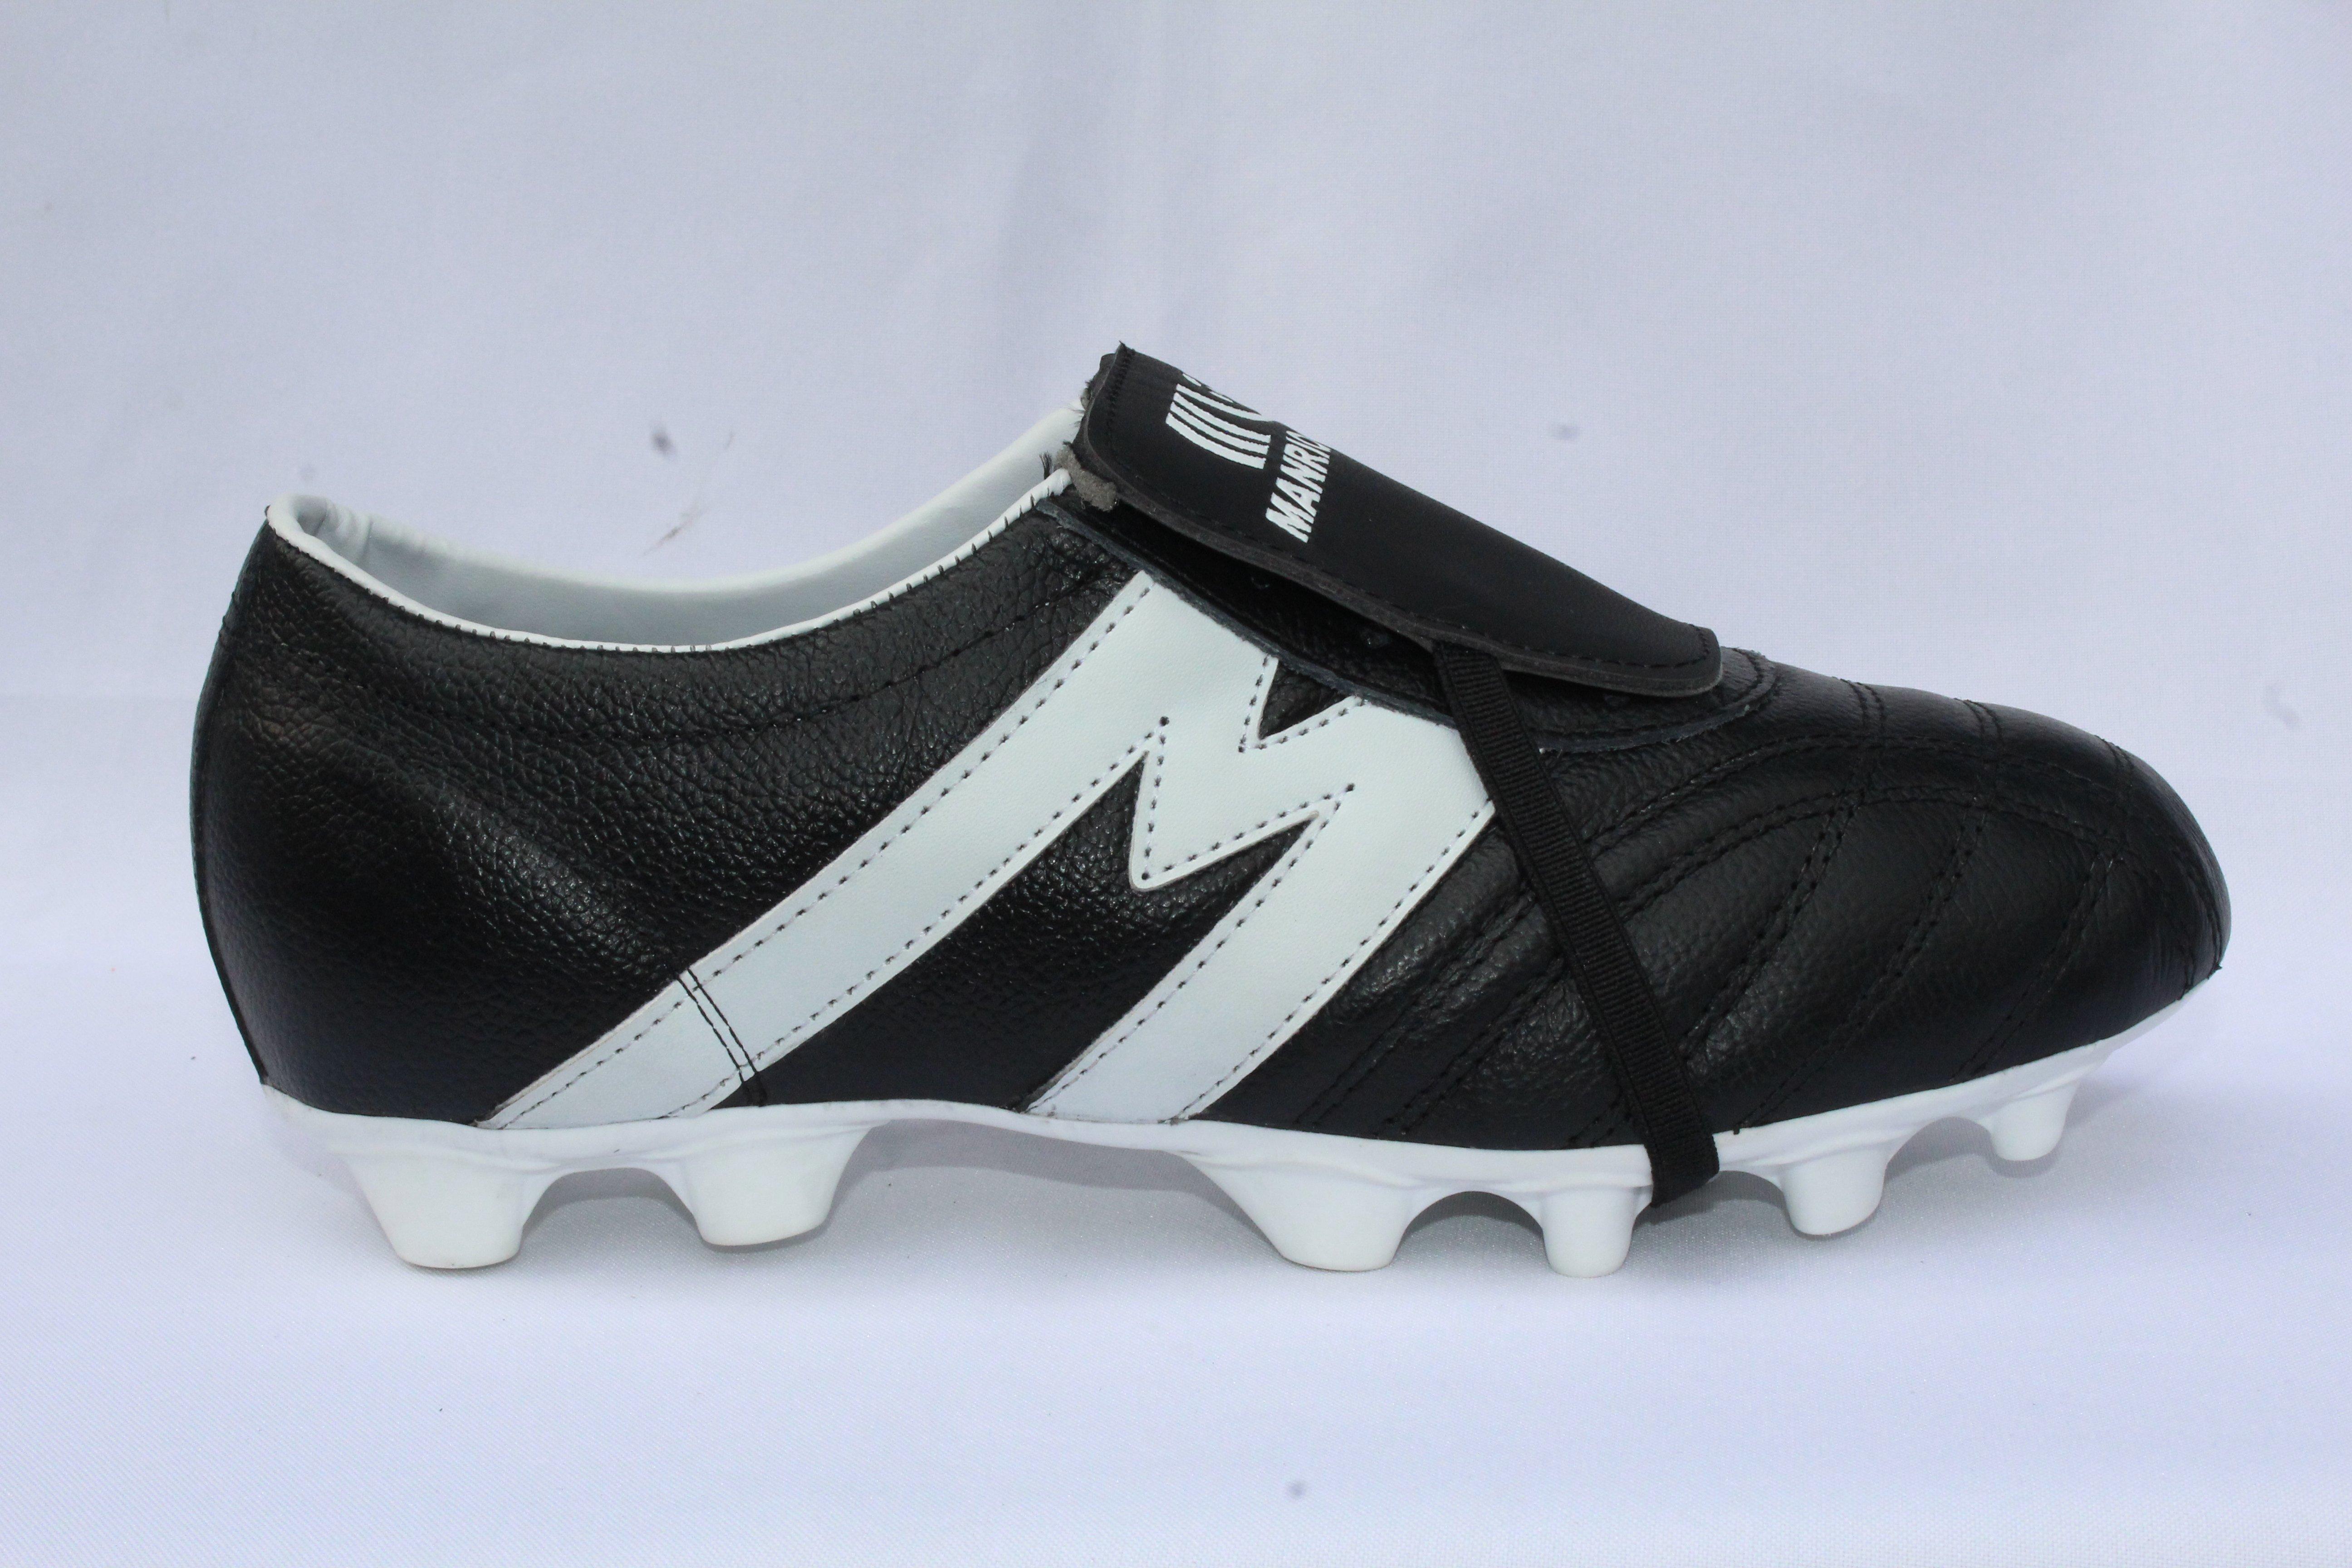 03afb2273b5ae Inicio Tienda     Por Marca     Manriquez Calzado Tacos Fútbol Superficie  Suave (pasto) 2948-Zapato de Fútbol Profesional Manriquez MID SX Negro  Blanco